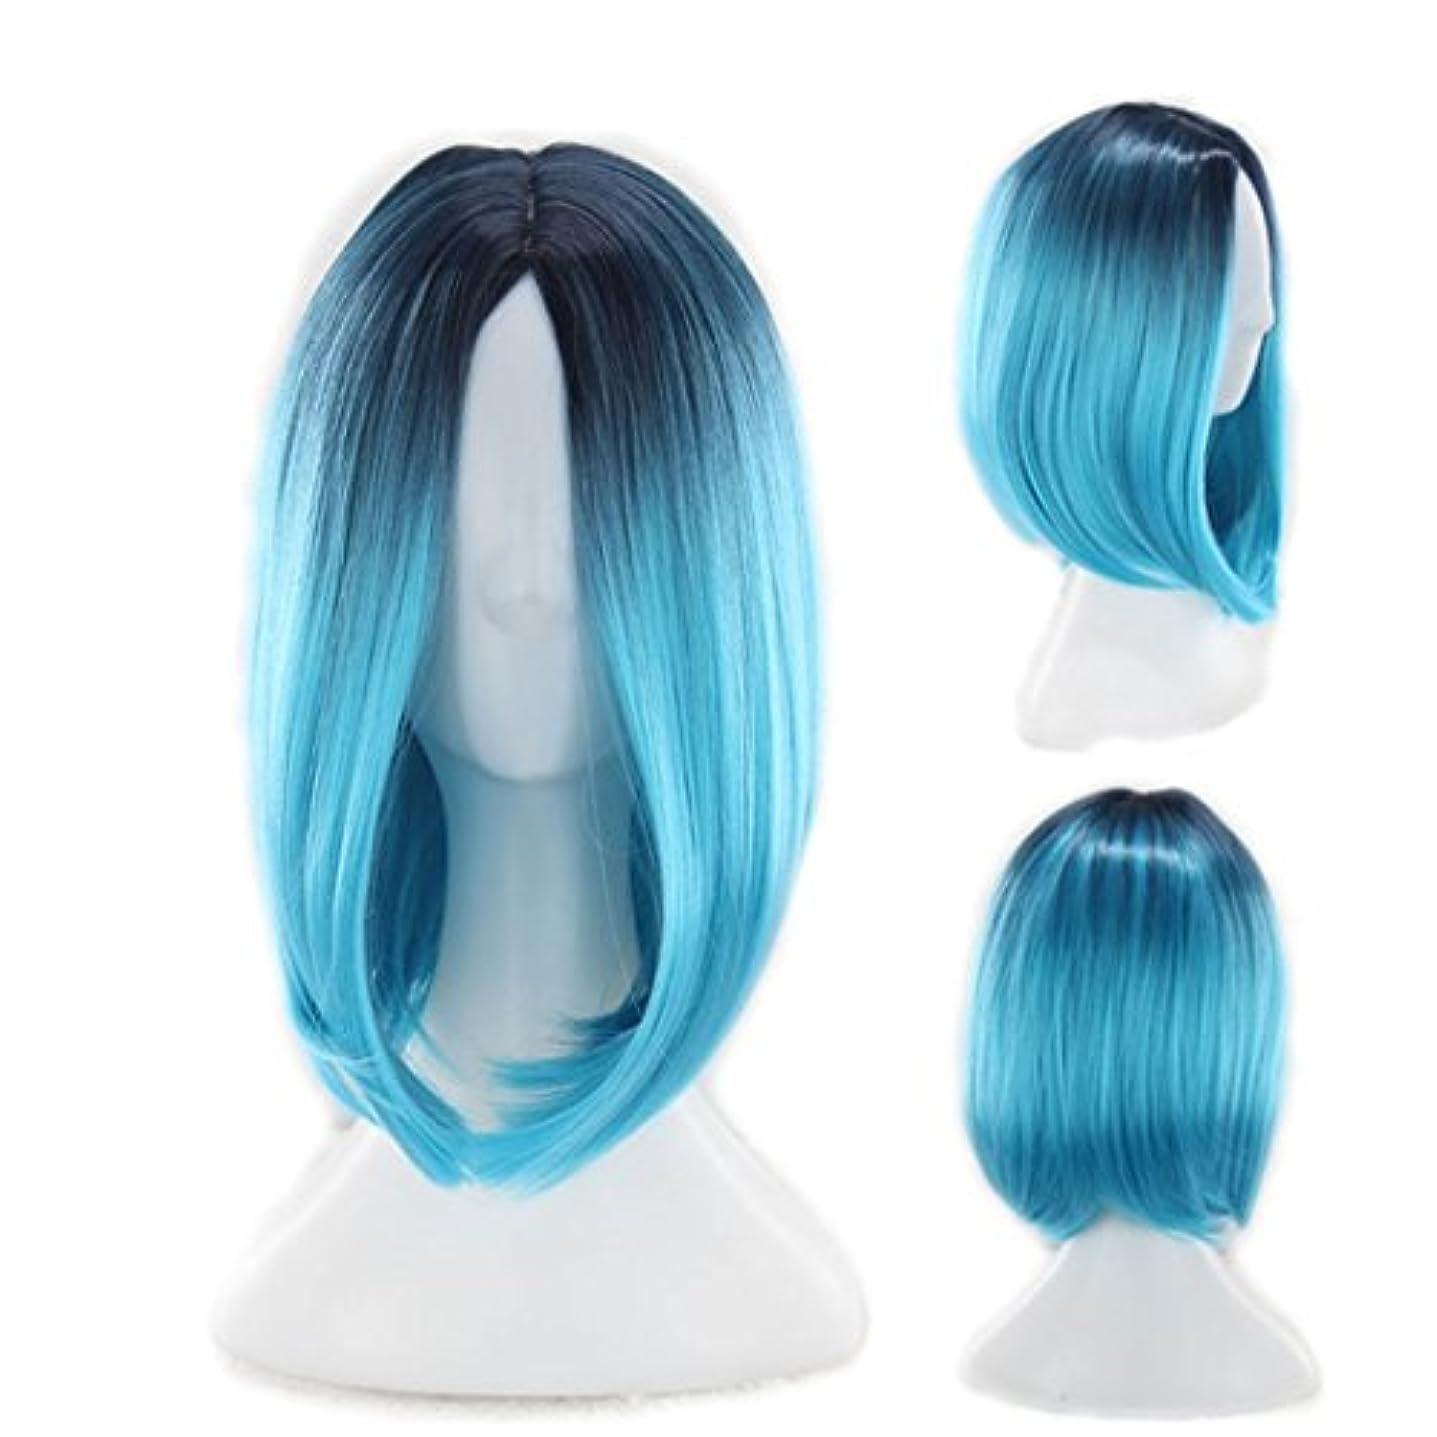 均等に気をつけてアクティビティFELICIAAA かつら 女性 ウィッグ ショートカット グラデーションの色 耐熱 長さ35cm (Color : ブルー)